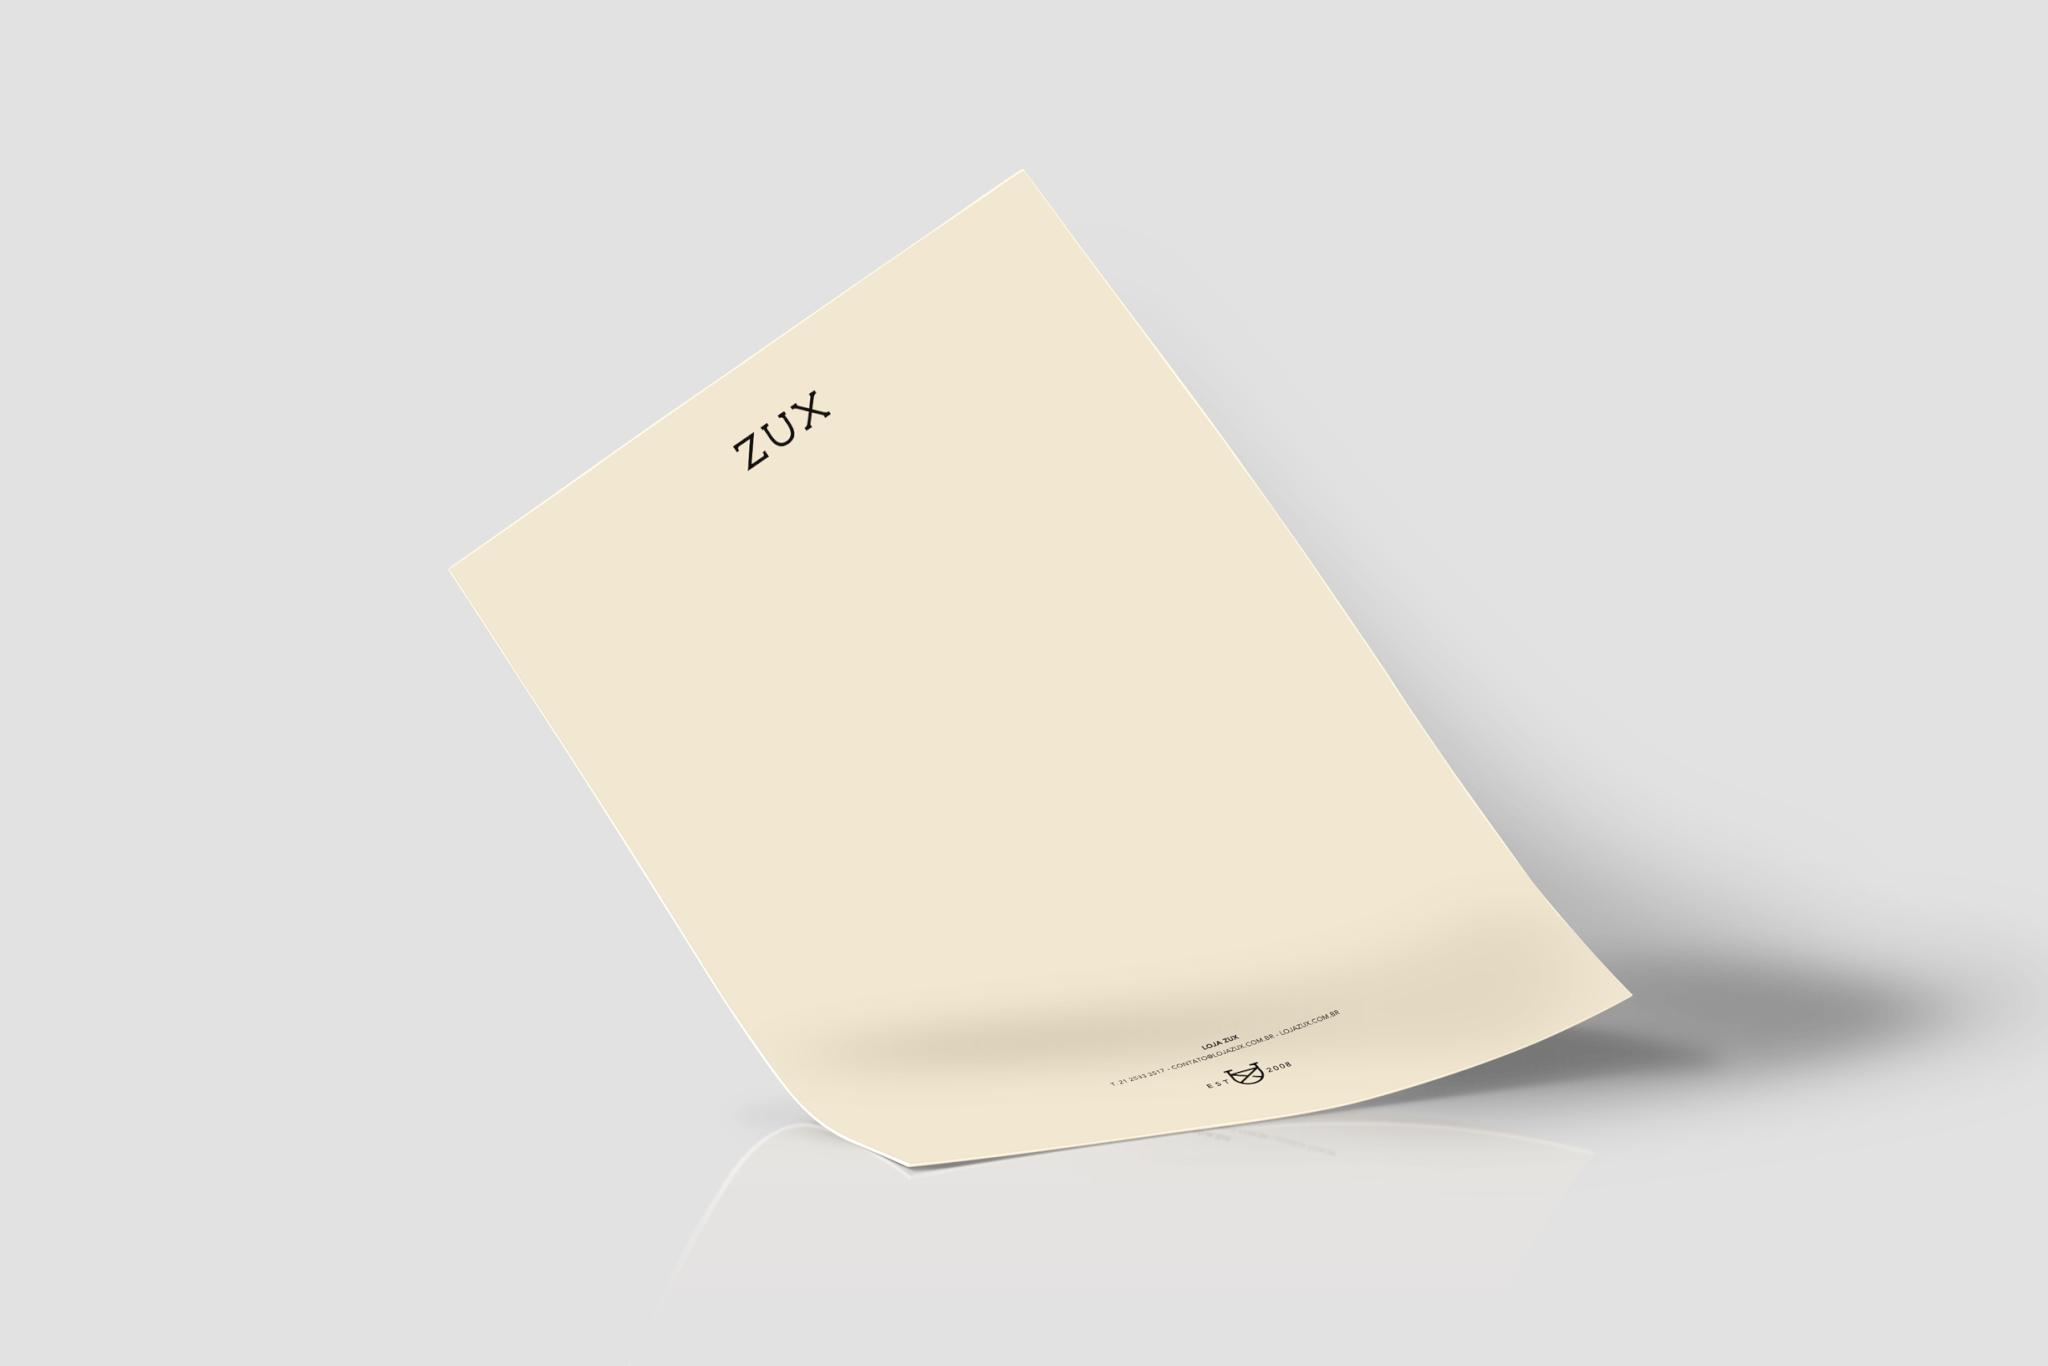 Zux-013